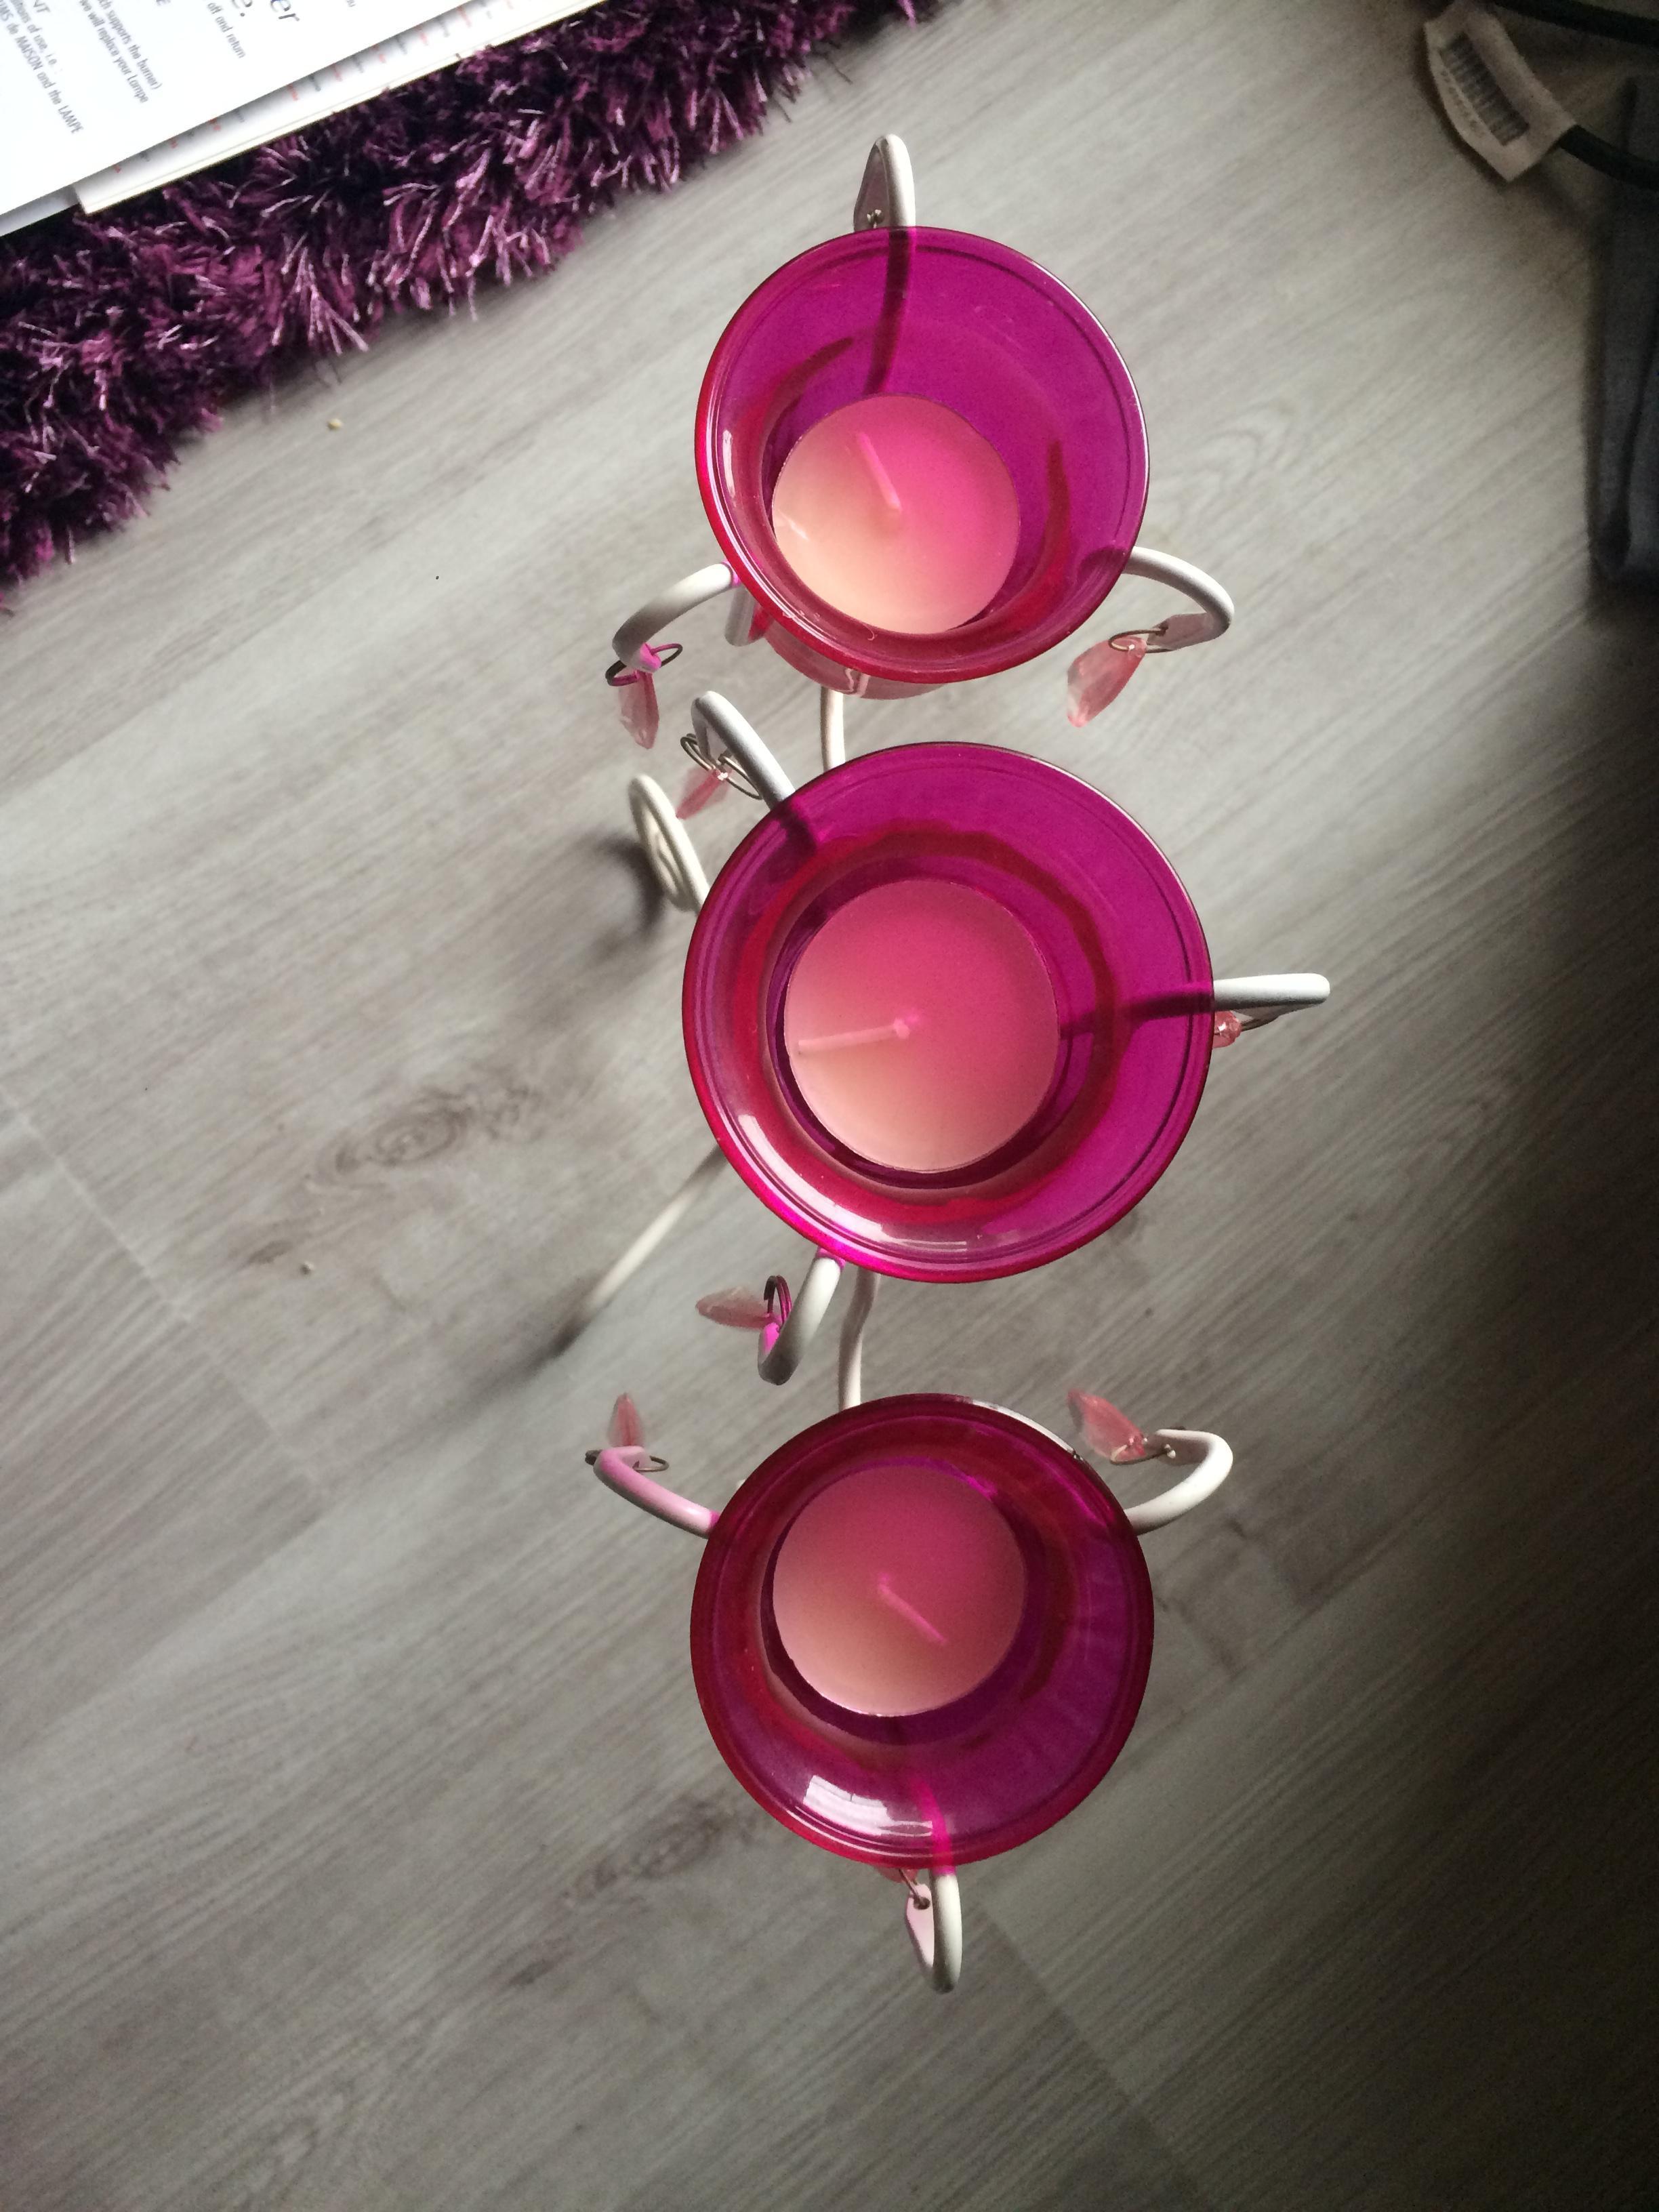 troc de troc décoration porte bougies image 1